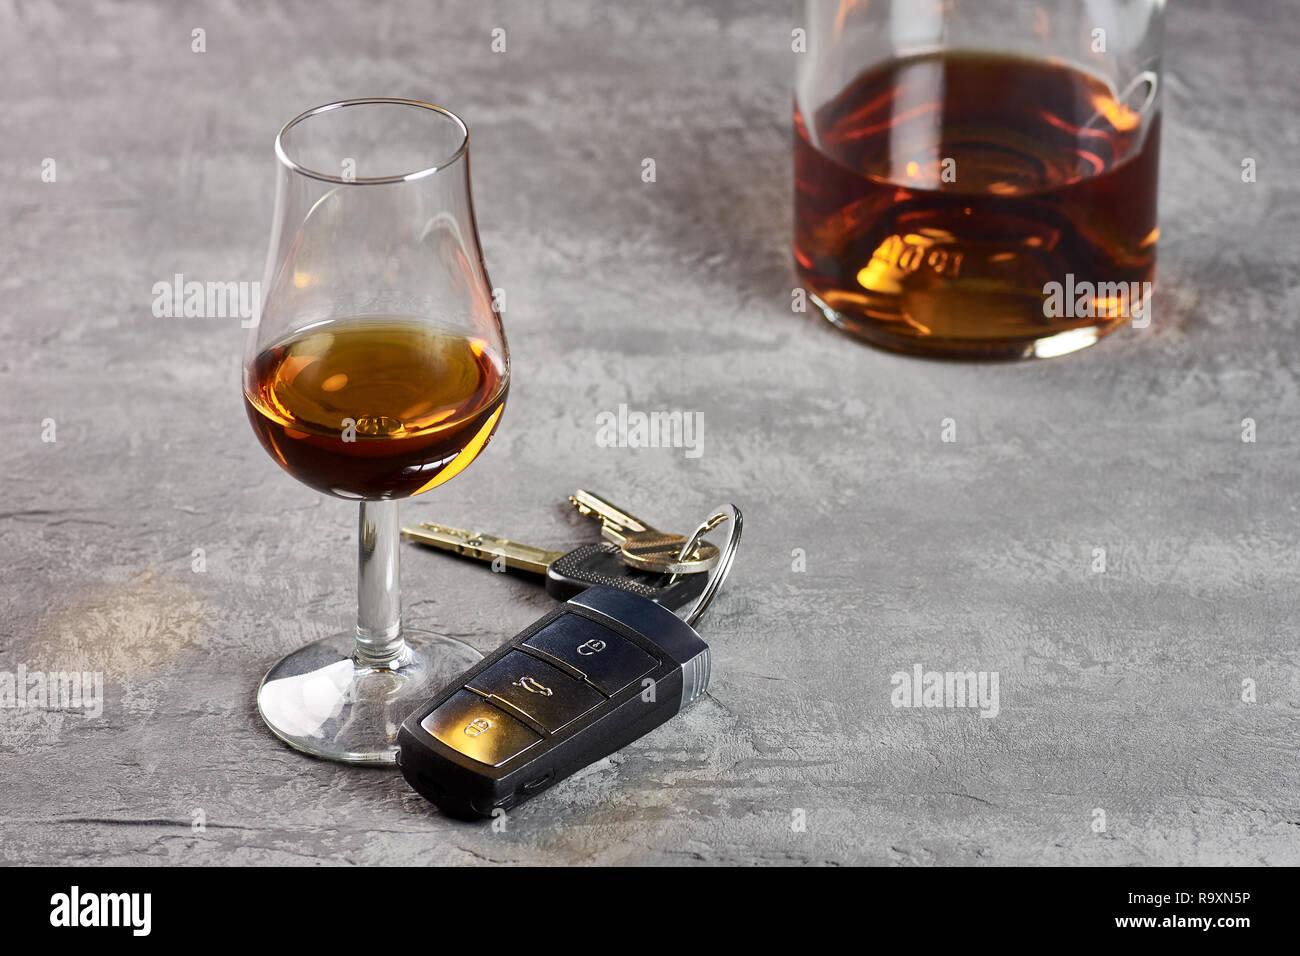 Vidrio y botella de whisky en una mesa de piedra y las llaves del coche. Conducción en la embriaguez Foto de stock